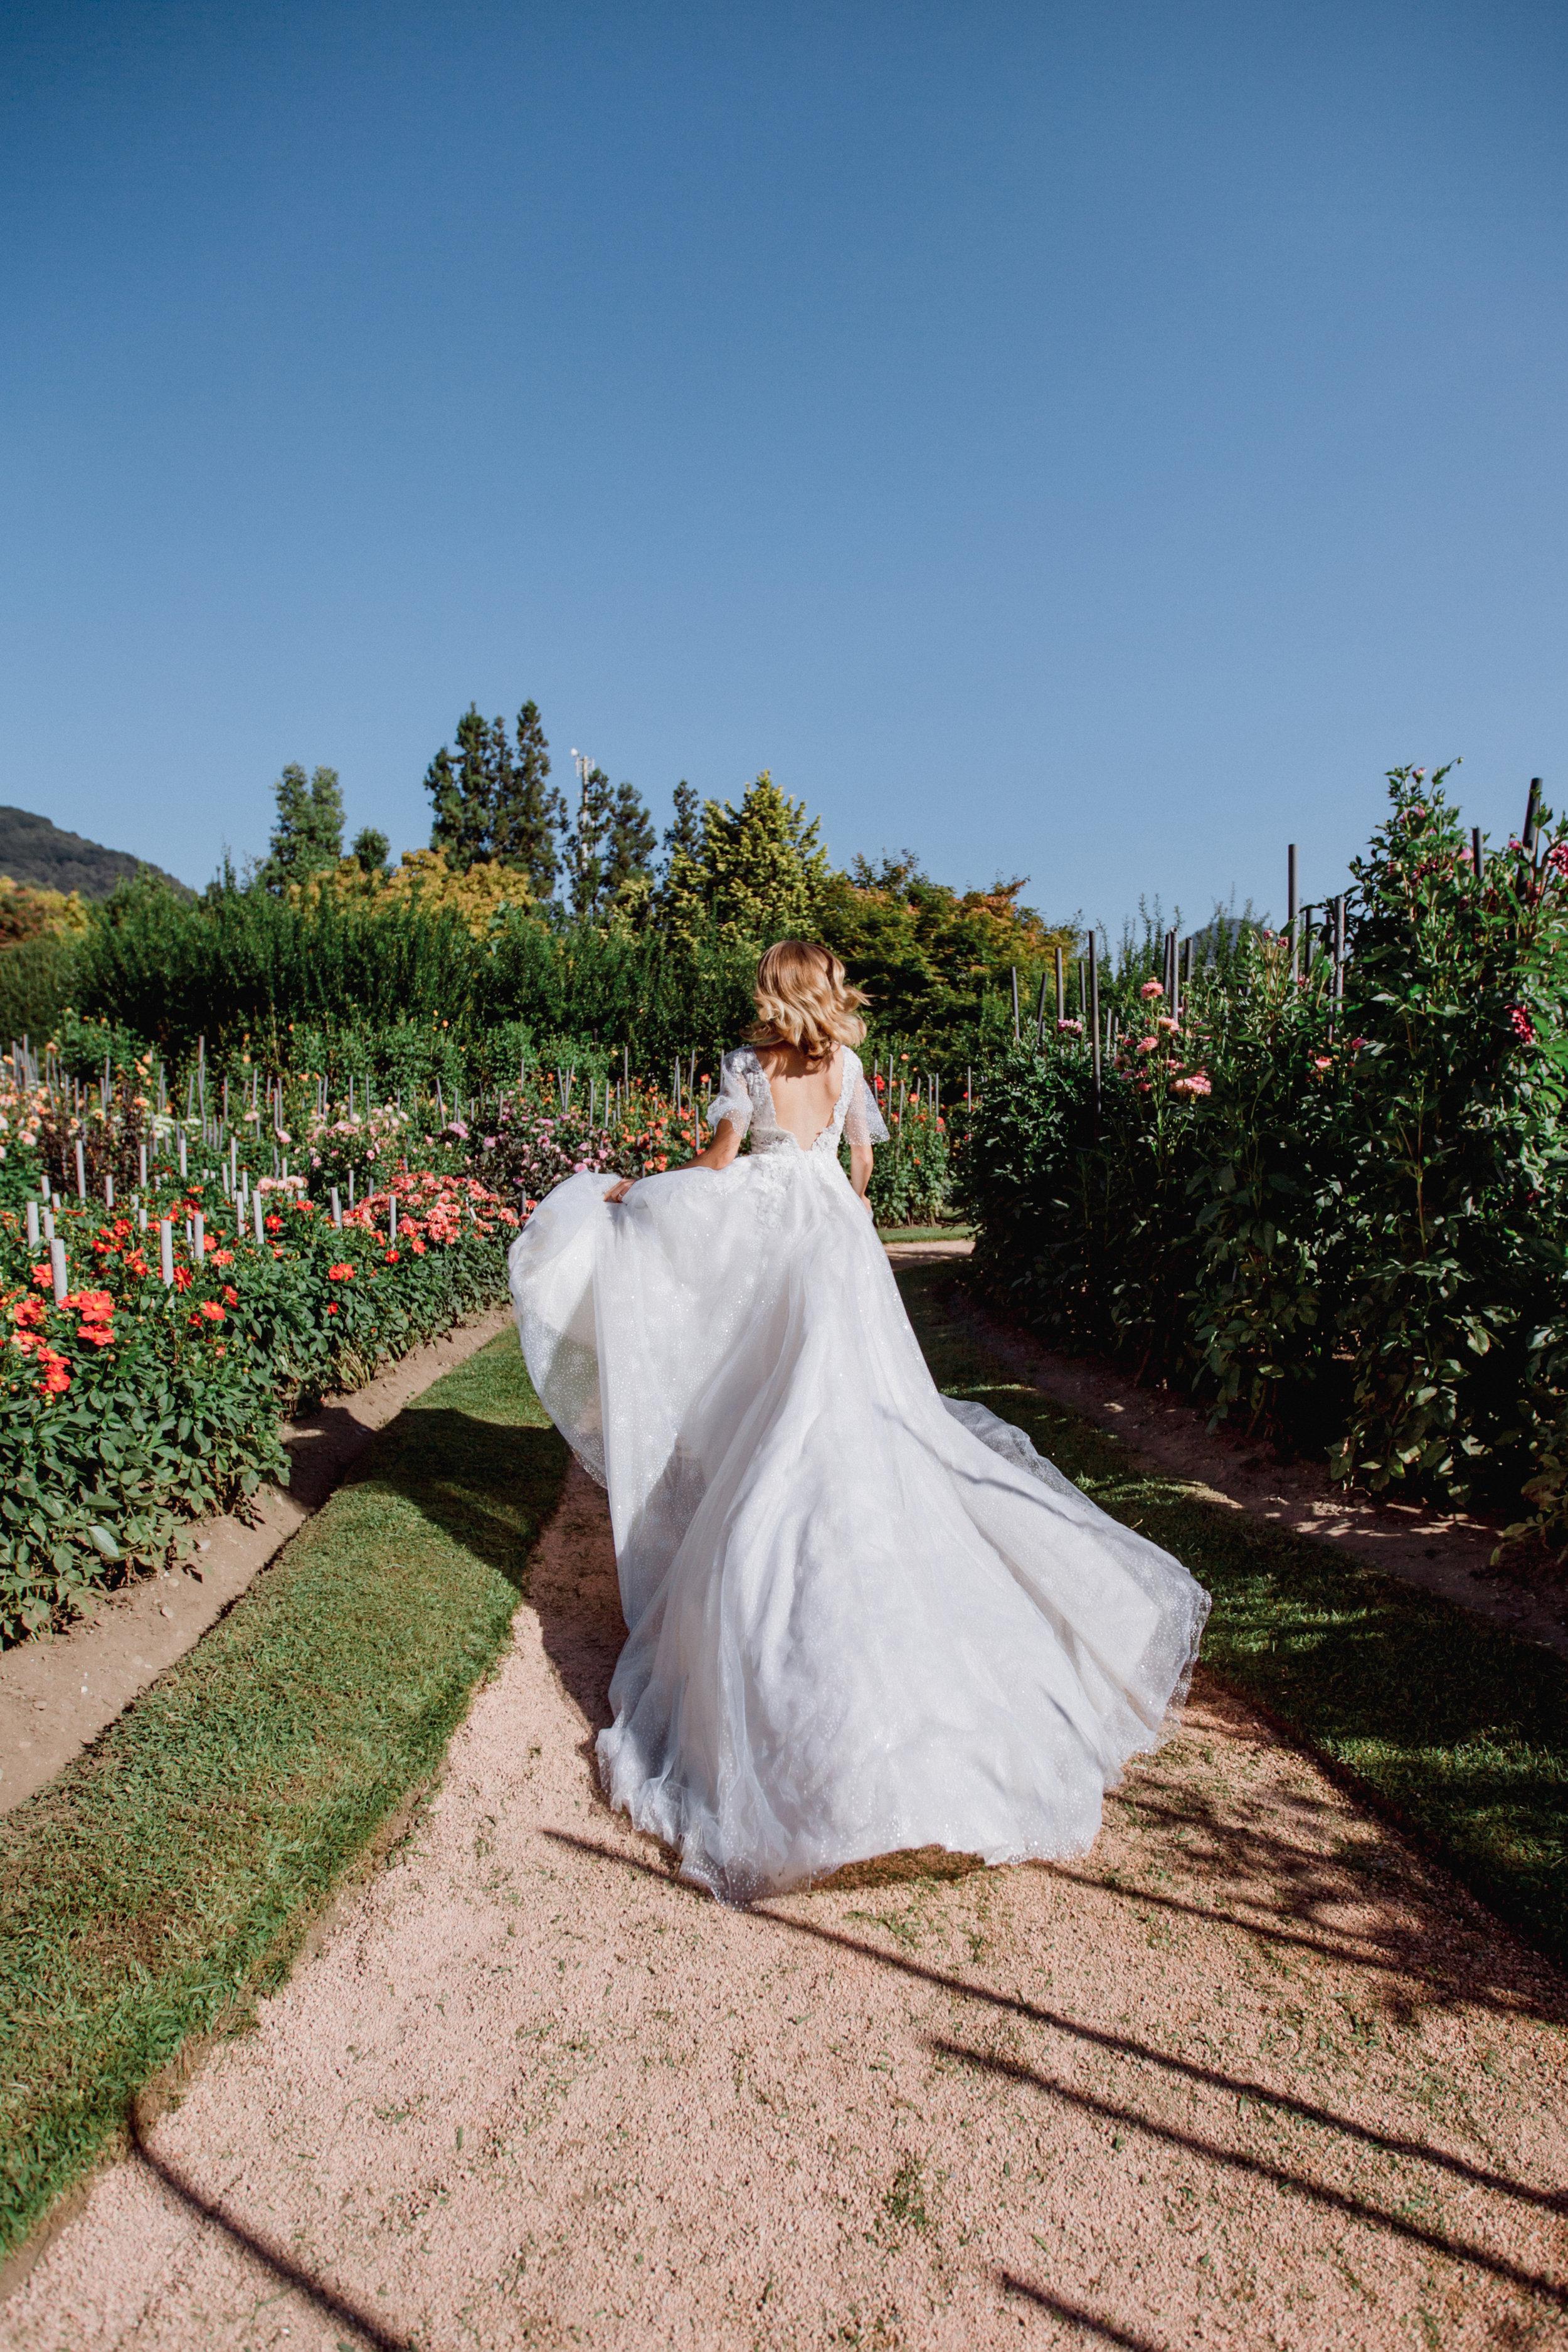 170823-015-Marina-Fadeeva-wedding-photographer.jpg